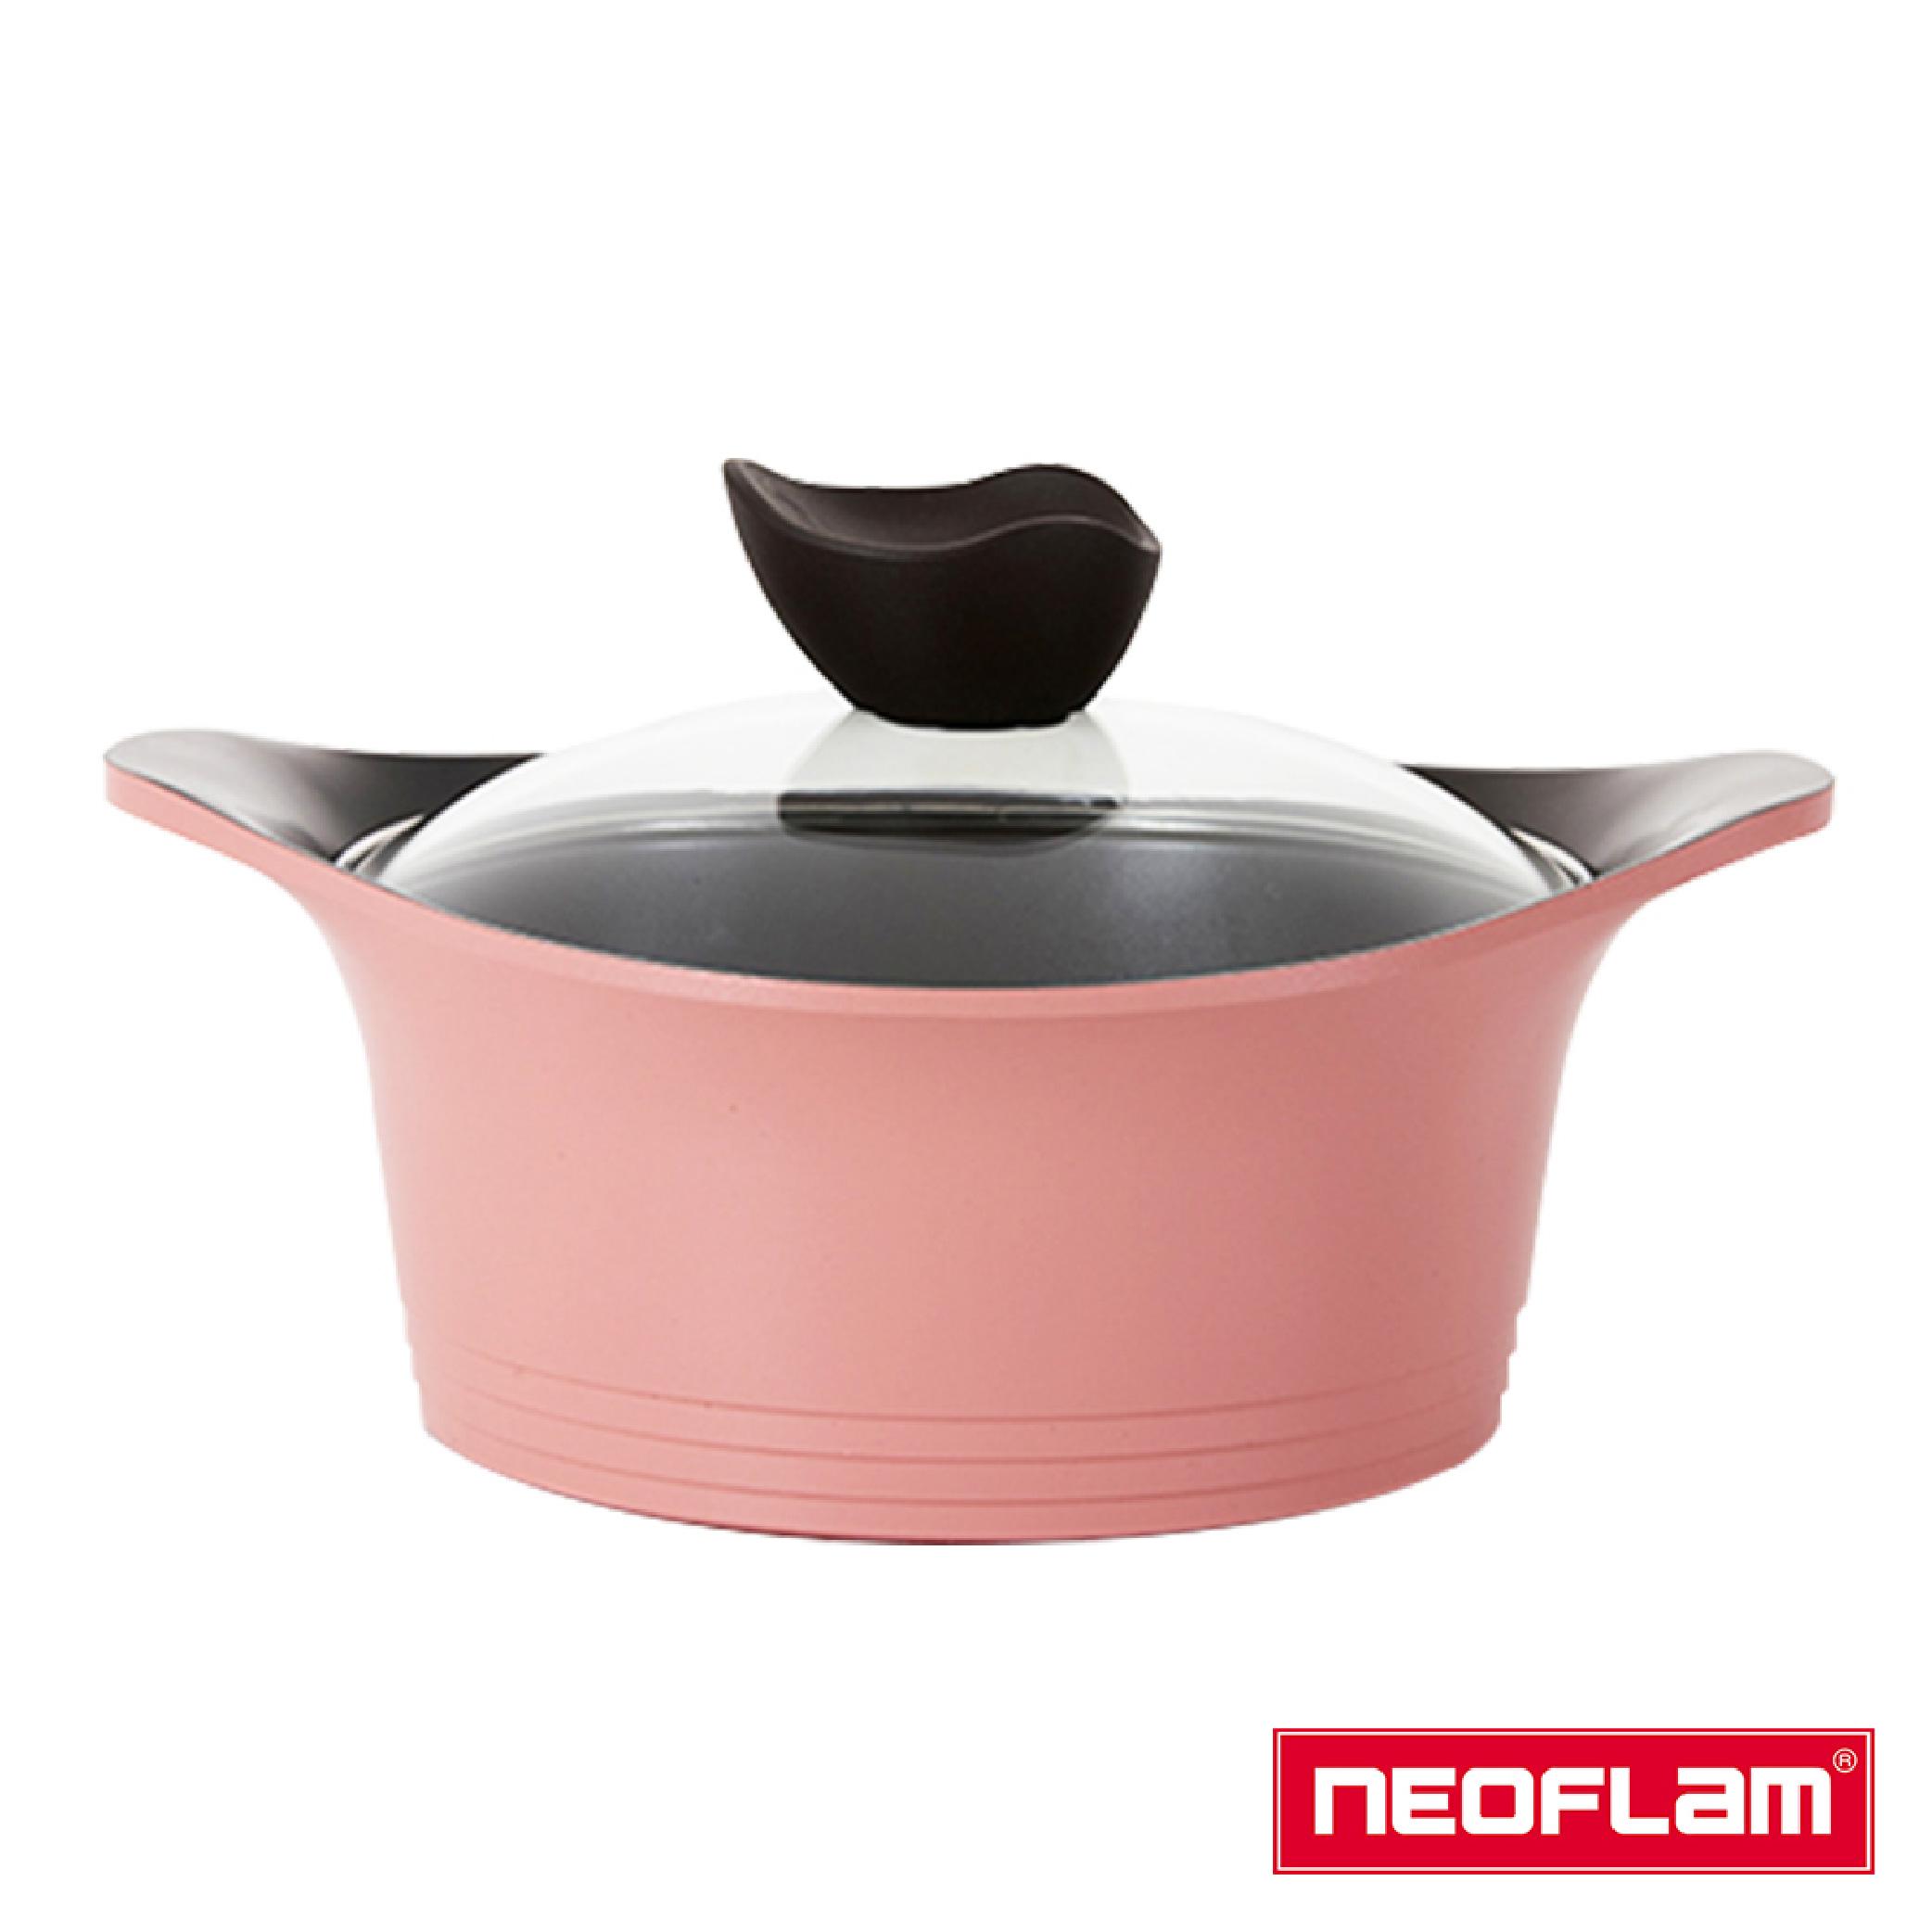 【NEOFLAM】Aeni系列22cm雙耳湯鍋-粉紅色(附玻璃蓋)